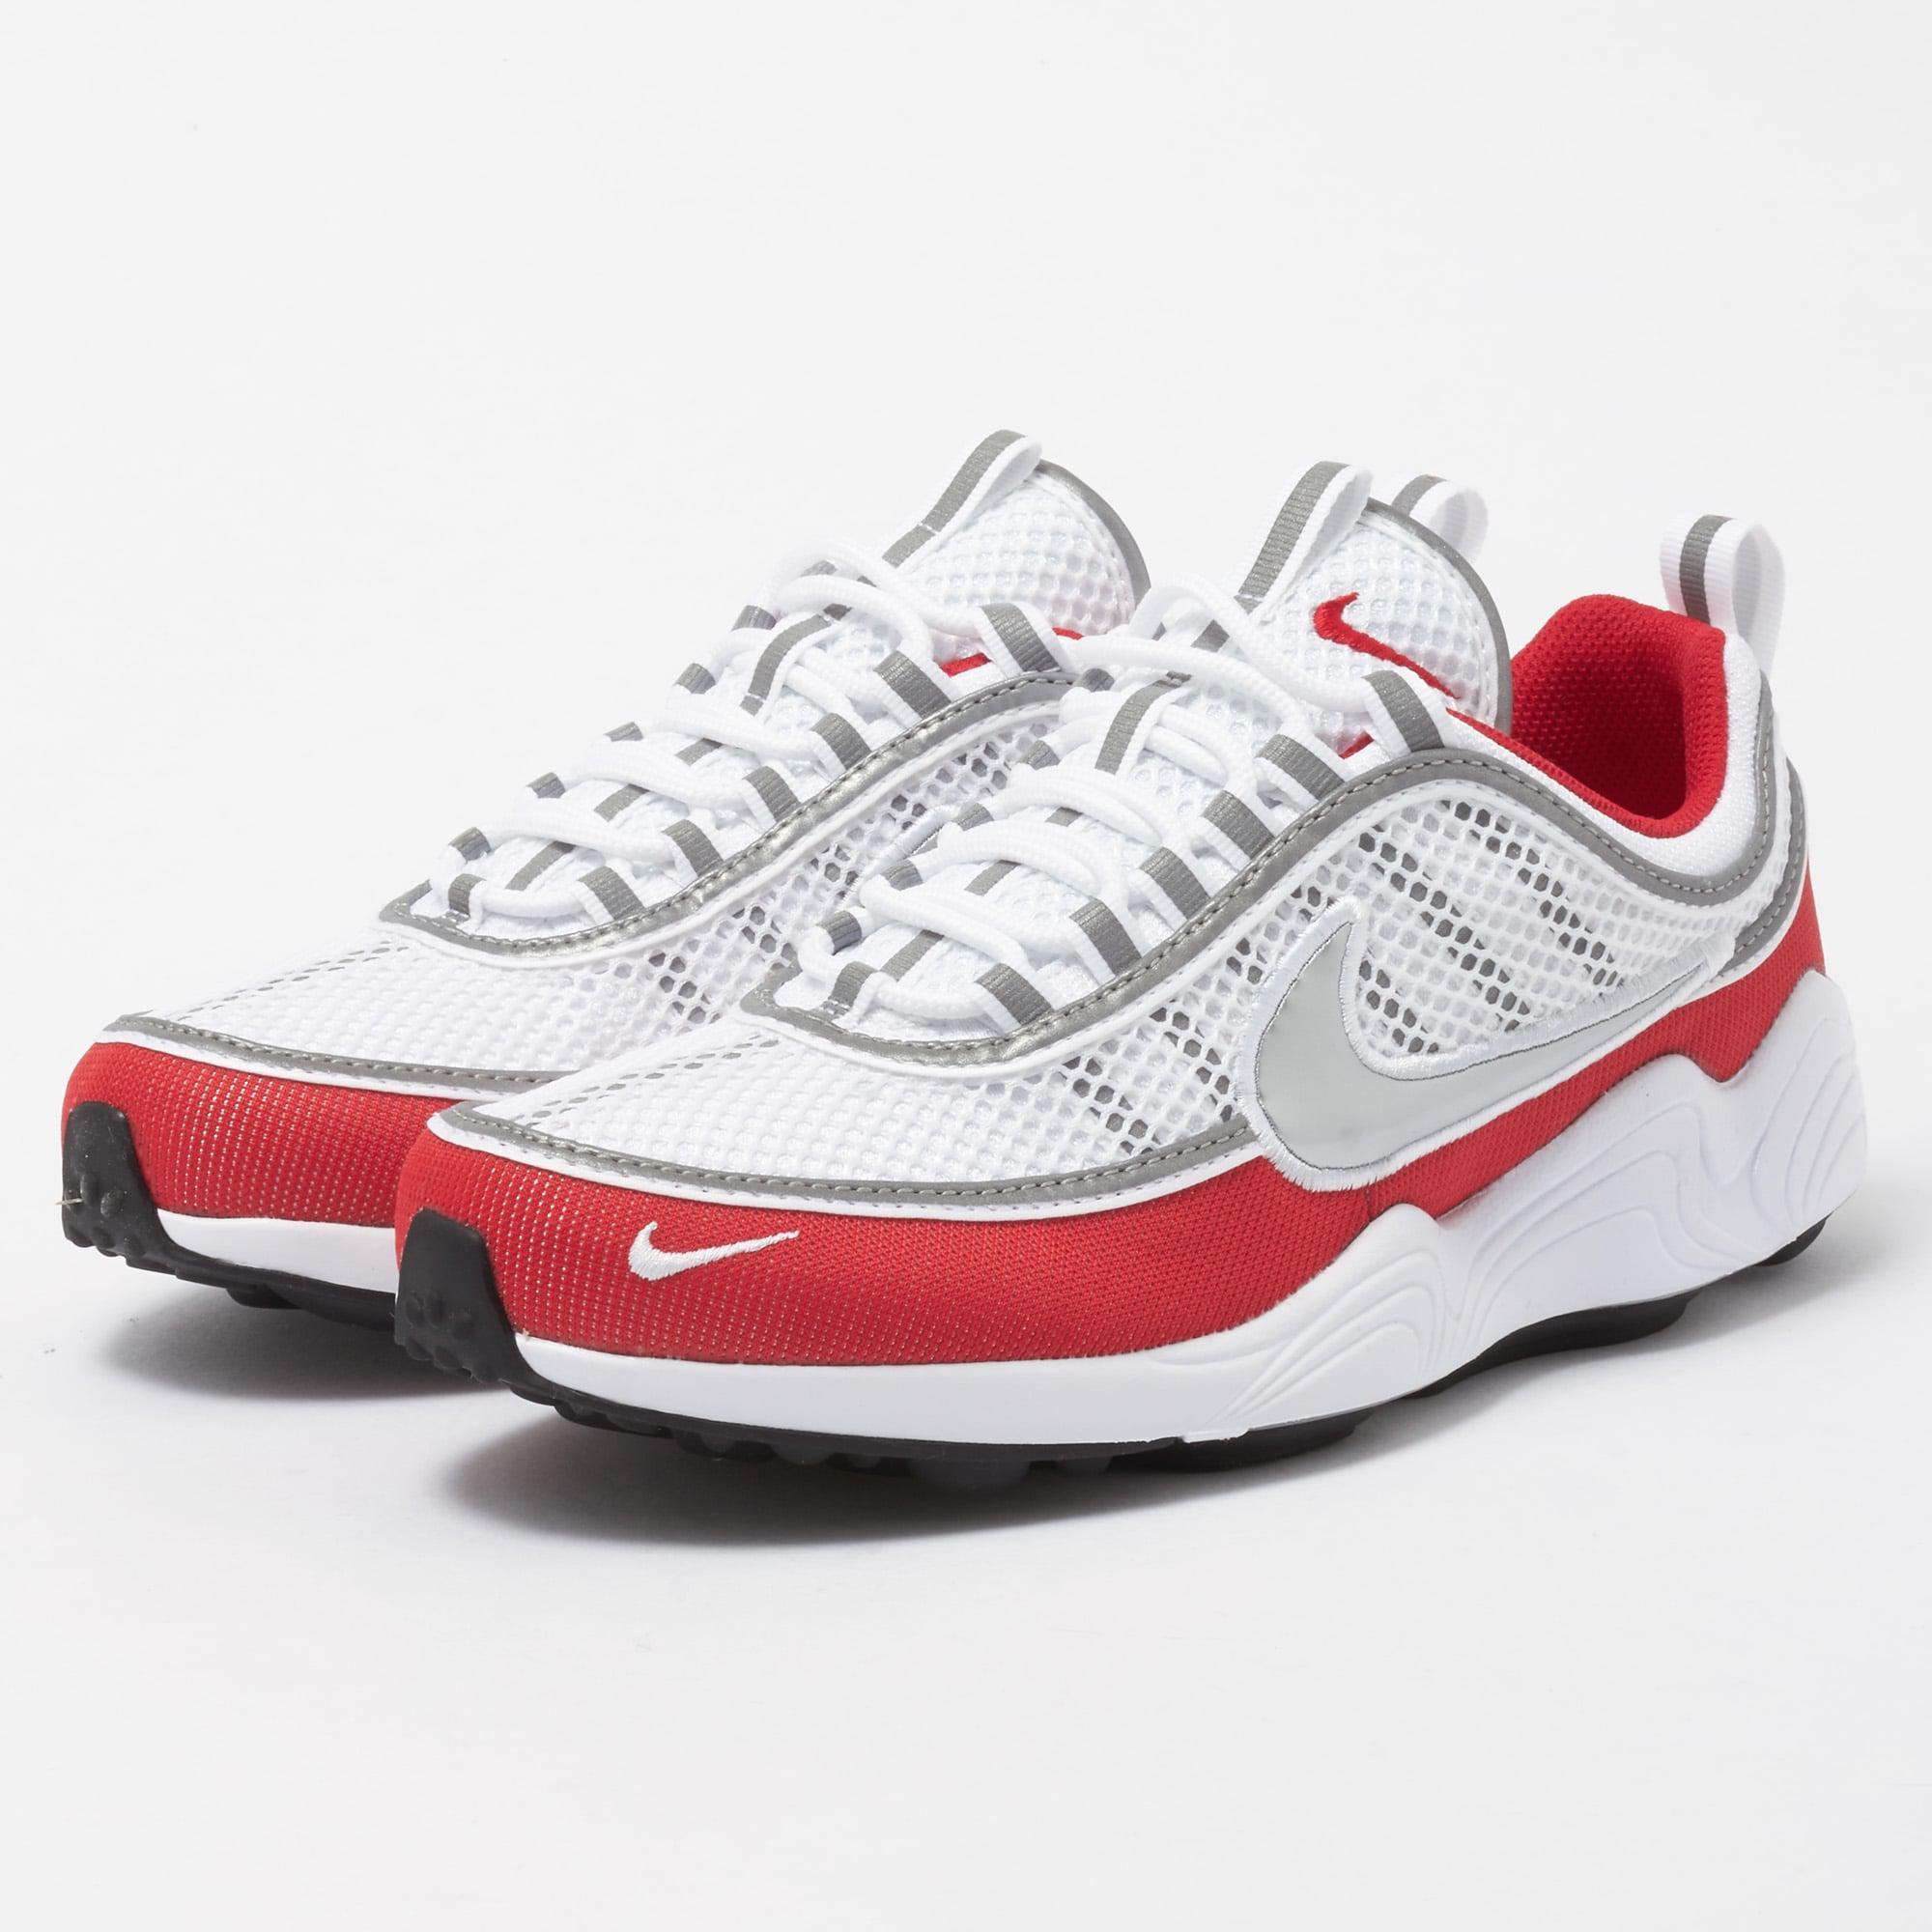 4a7065b77d04e Lyst - Nike Air Zoom Spiridon 16 - White   Red